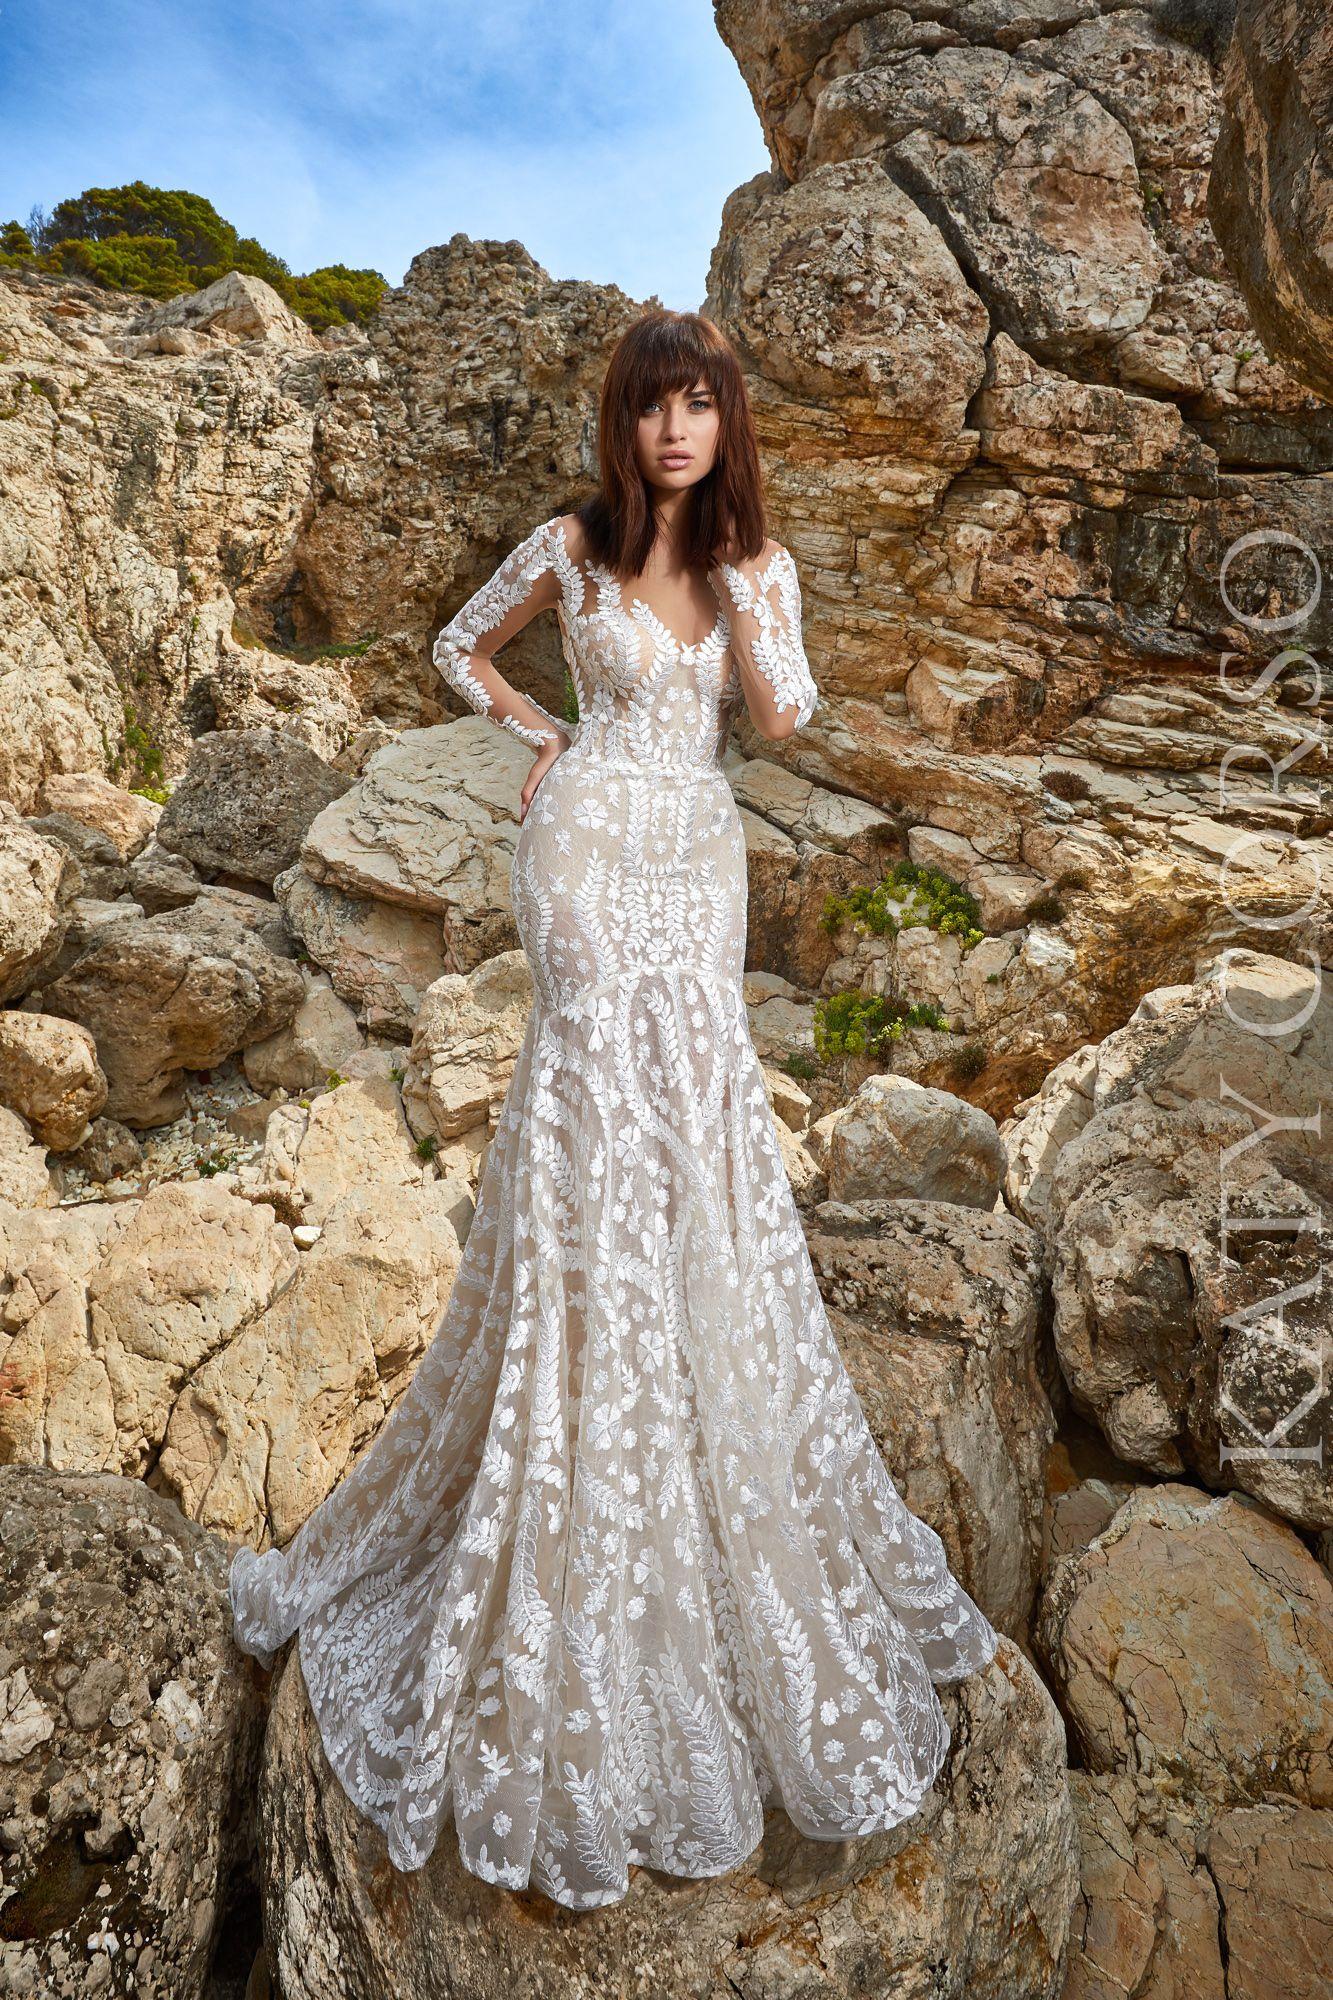 Wedding Dress Bristol Katycorso Newcollection2018 Bride Luxurydress Showroom Hautecoutur Guipure Lace Wedding Dress Wedding Dresses Lace Wedding Dress Bristol